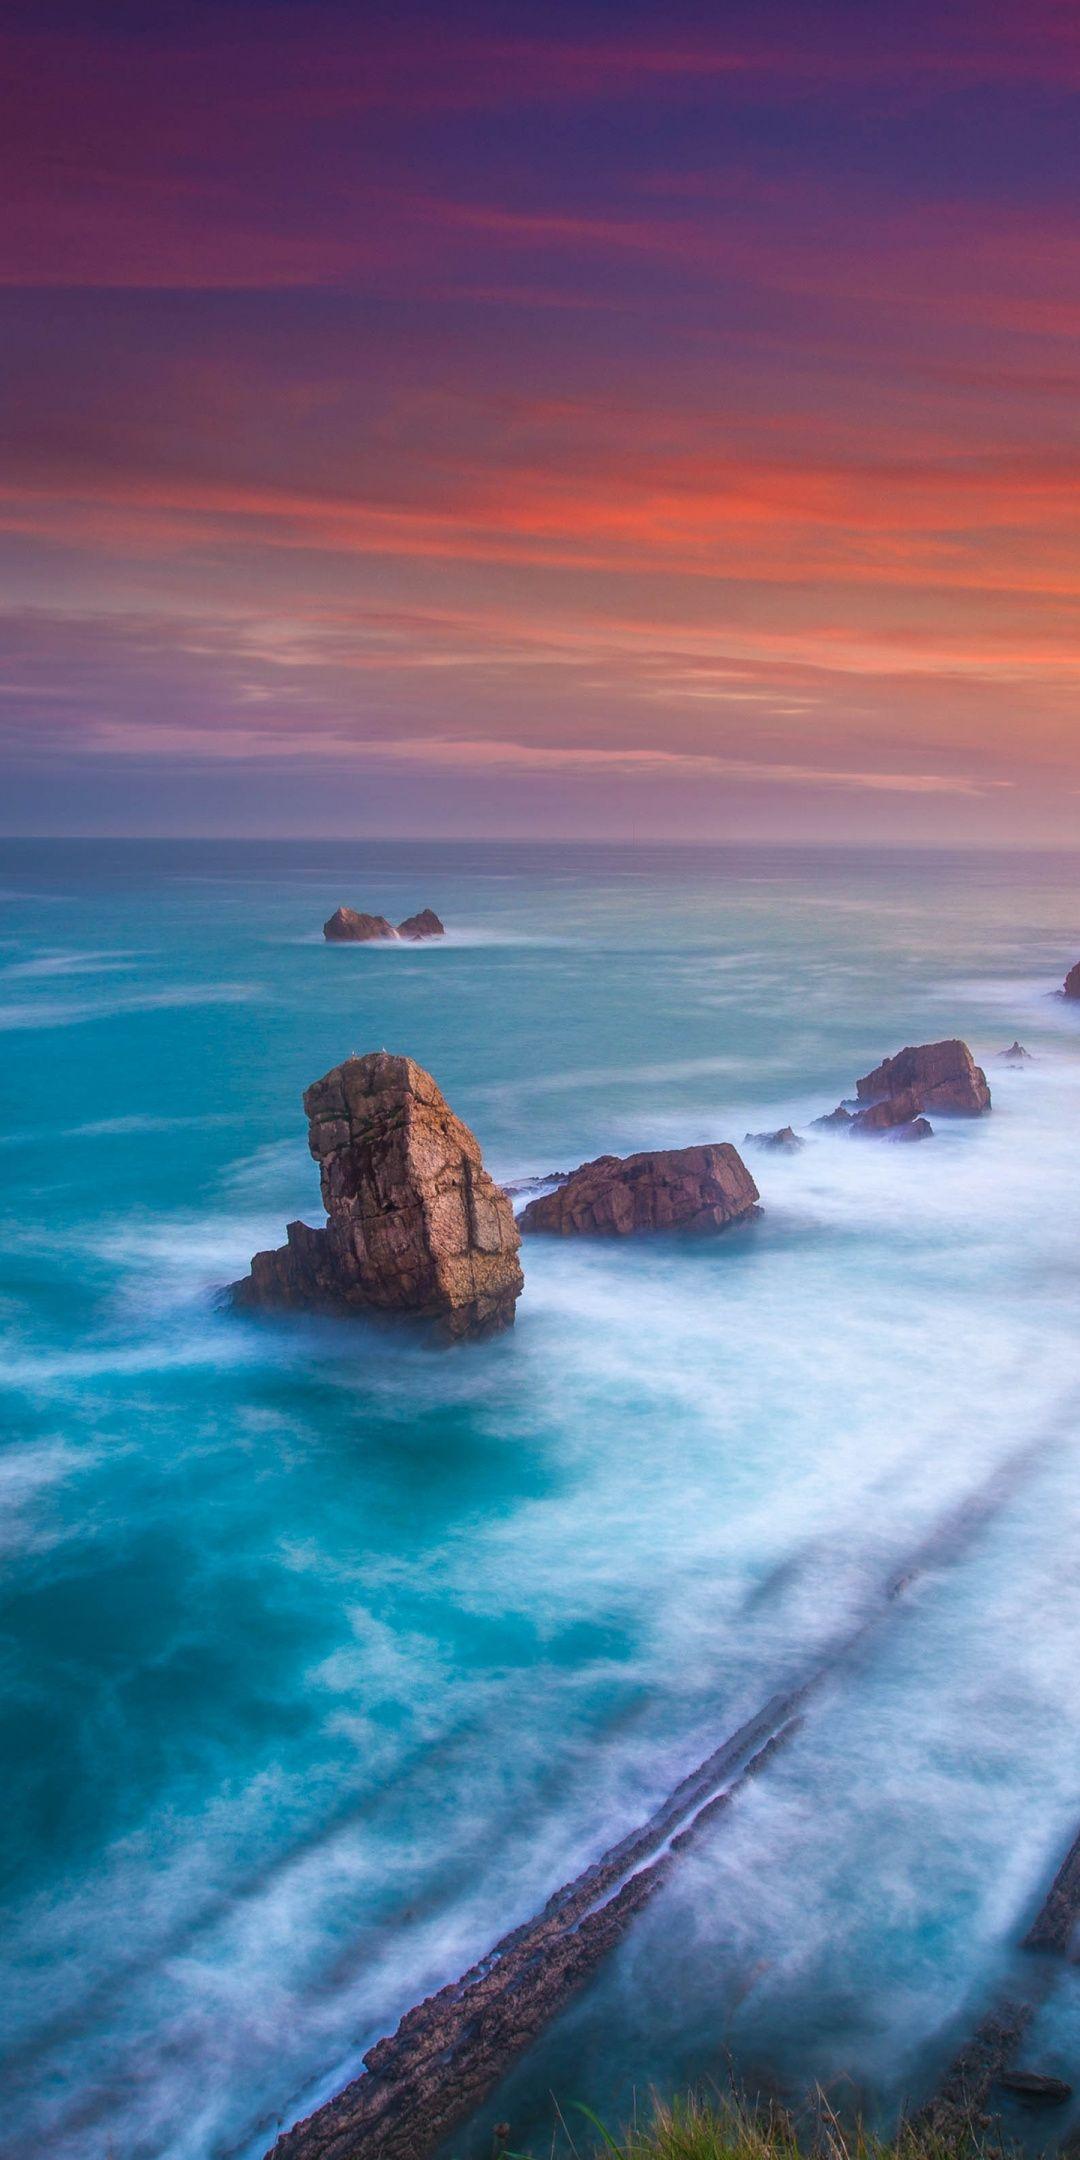 Playa De Portio Beach Rocks Cliff Adorable Wallpaper Nature Photography Nature Pictures Landscape Wallpaper